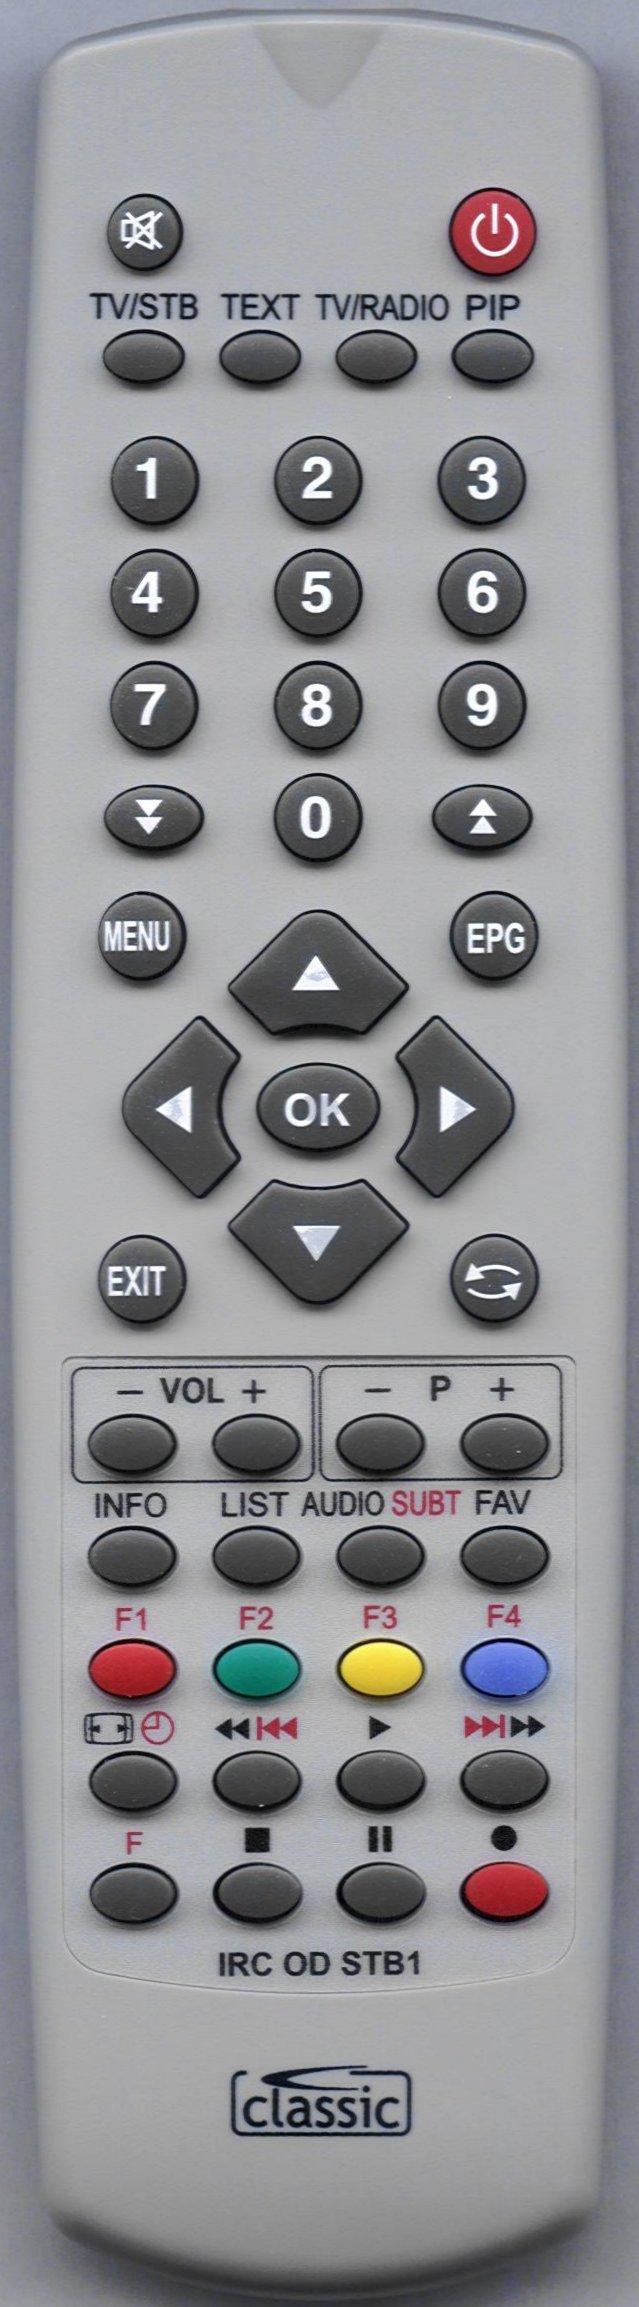 TECHNOMATE TM-1500 CI Remote Control